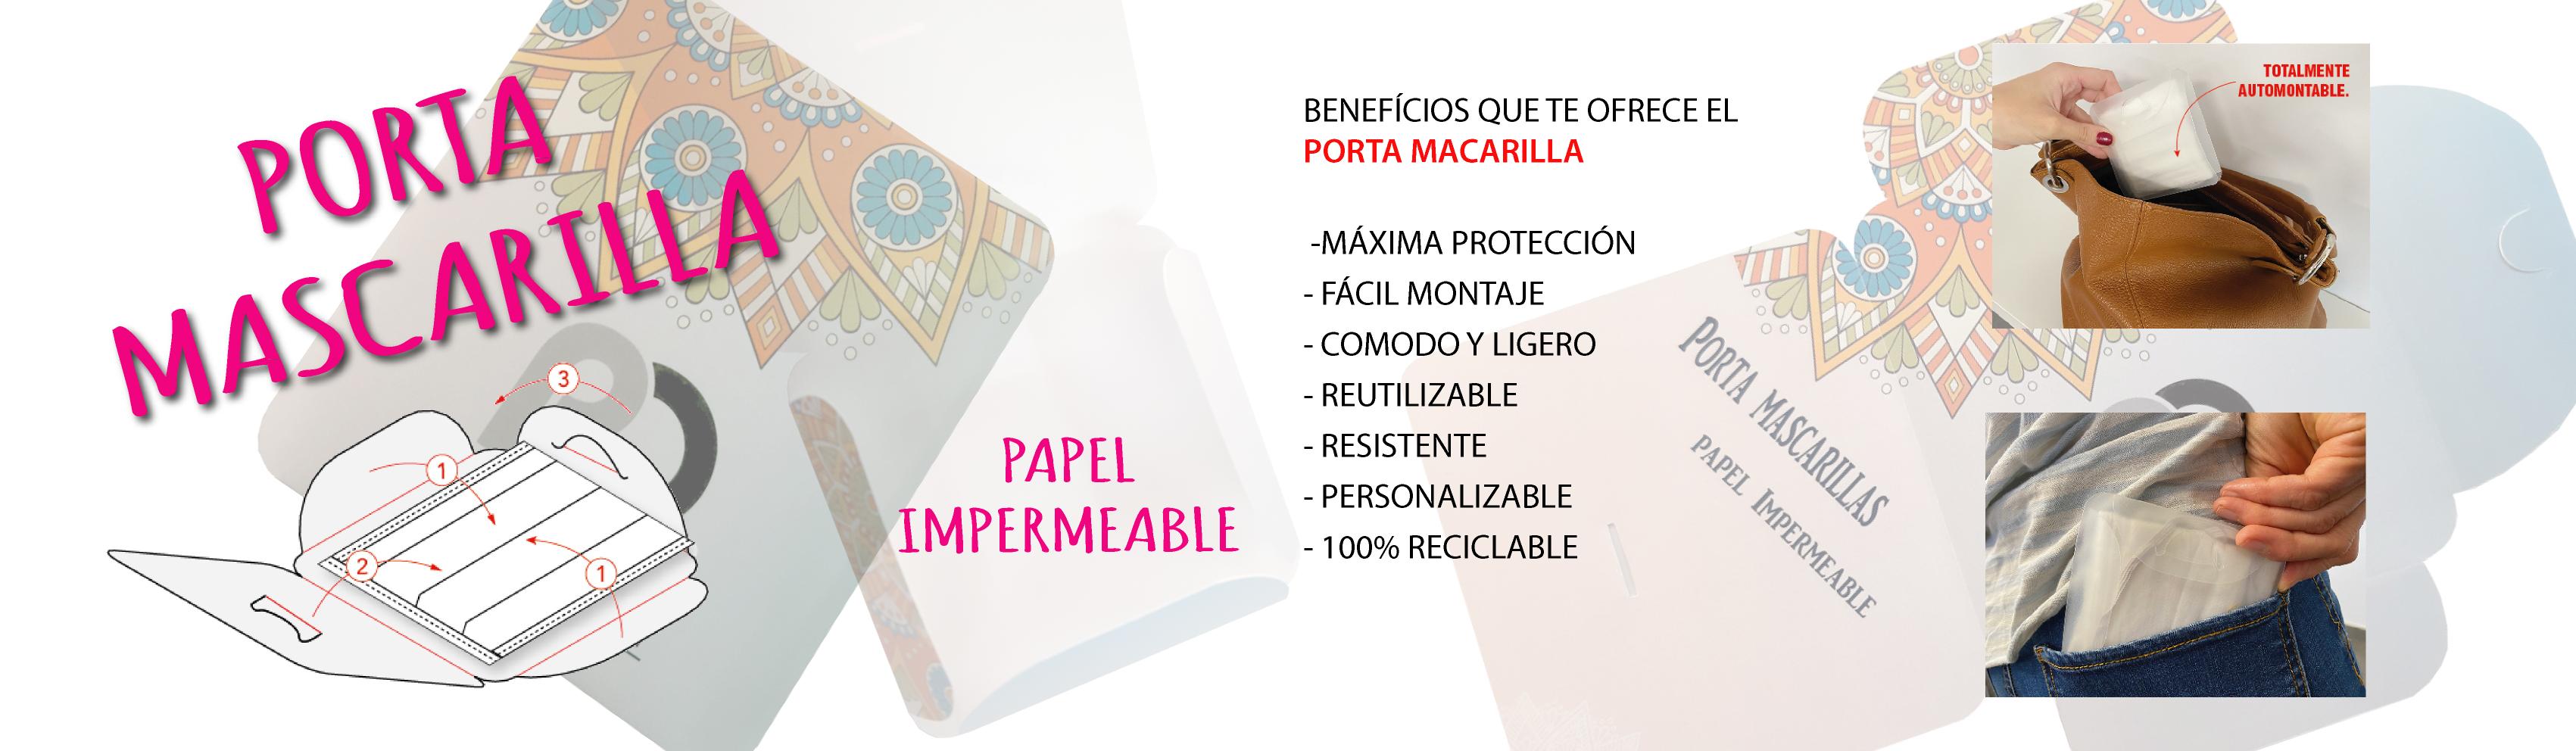 BANNER-PORTAMASCARILLA-WEB